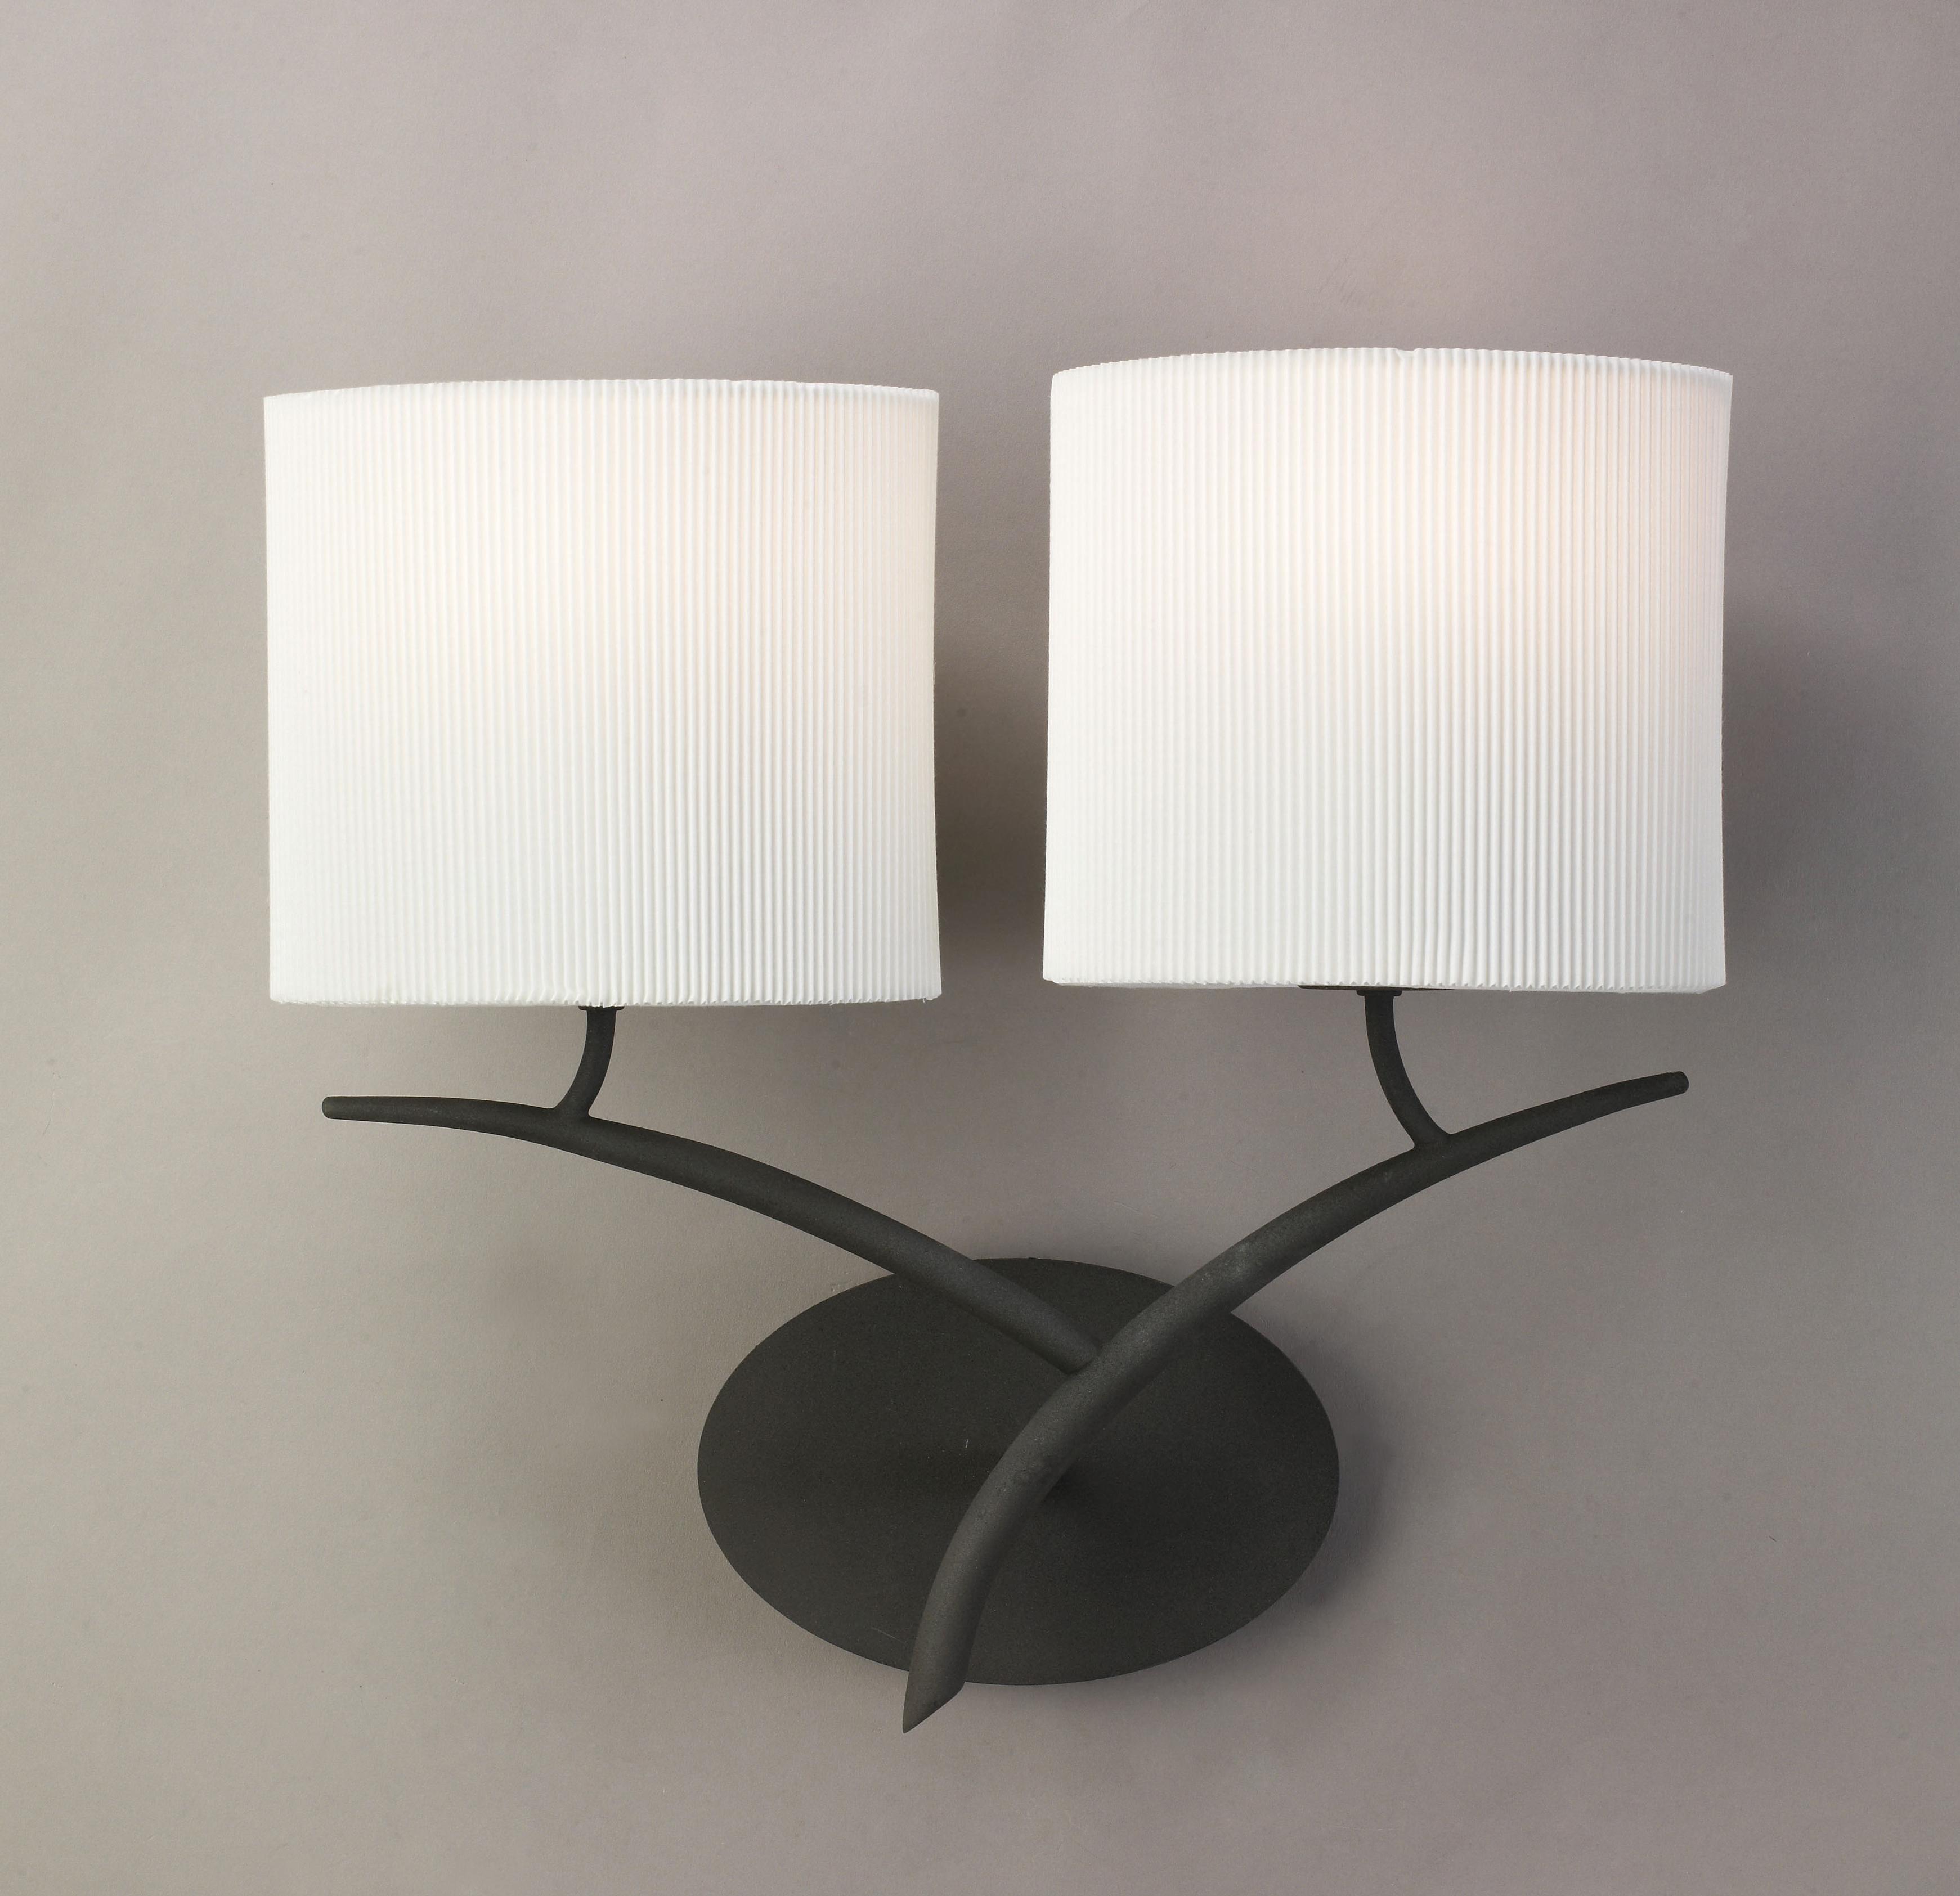 aplique de pared de dos luces eve de mantra referencia